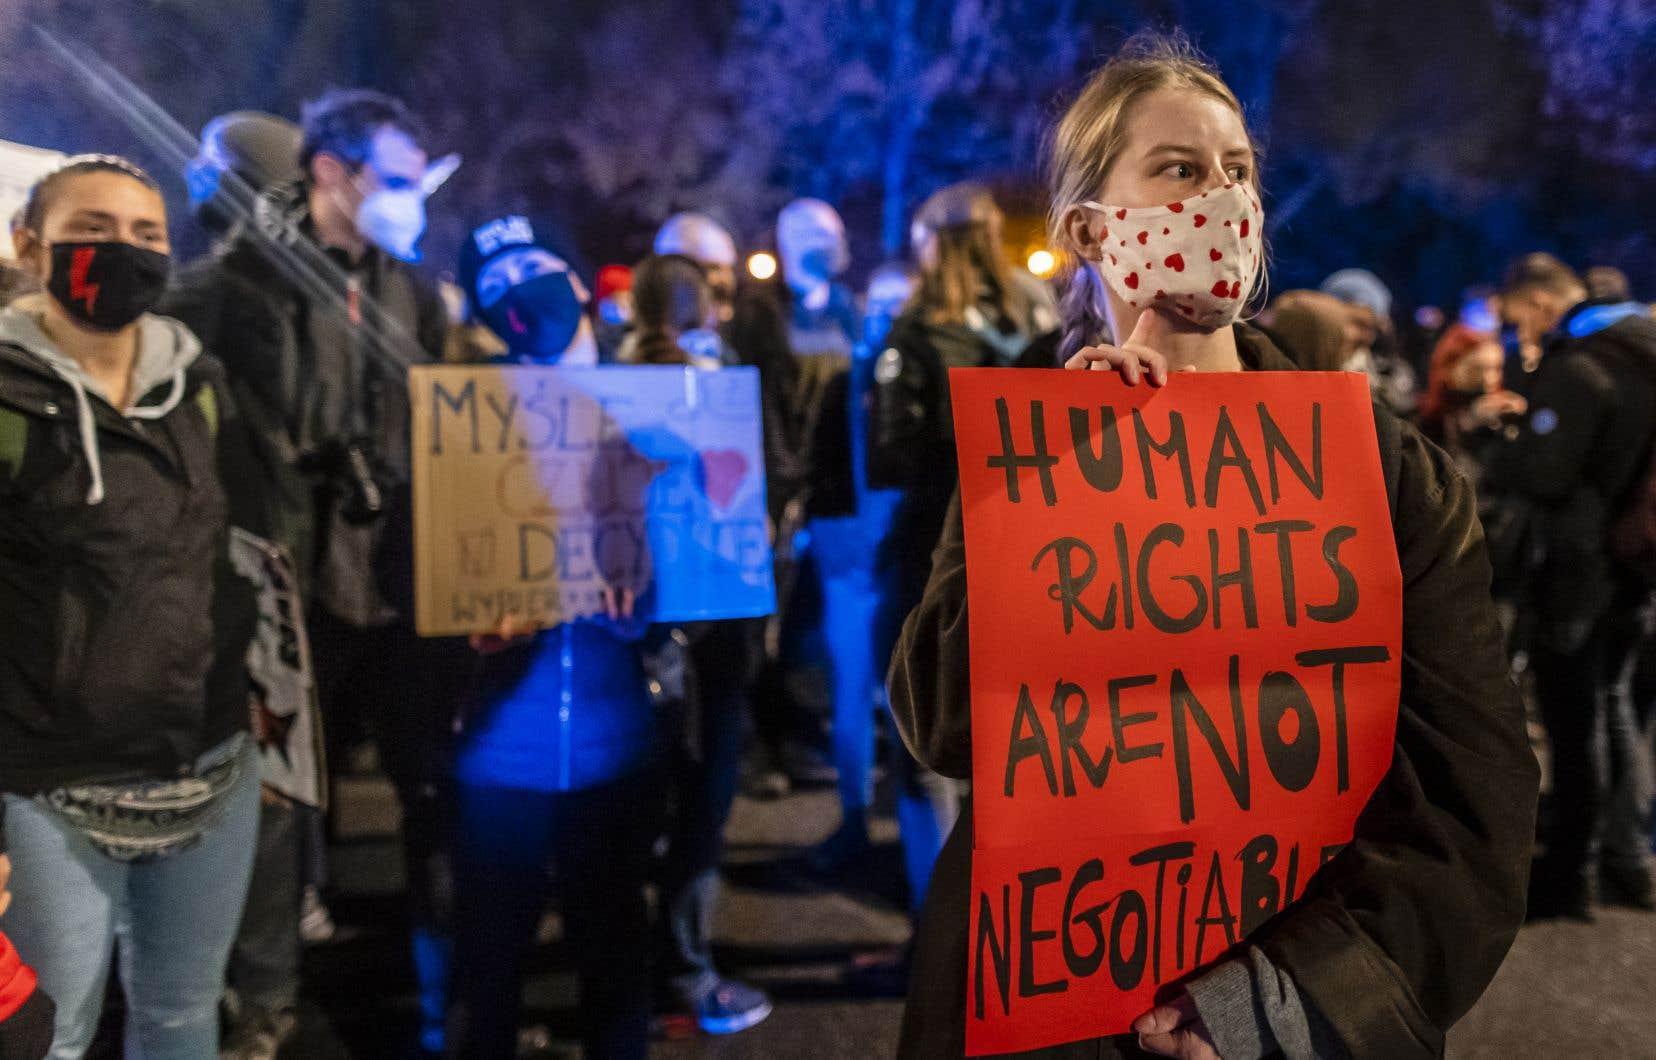 «D'un côté, des ultrareligieux portés par des courants politiques conservateurs ou d'extrême droite qui prennent les femmes en otage, quitte à fermer les yeux sur les drames des avortements clandestins, et de l'autre côté, une société en mouvement, libre, qui fait preuve comme en Pologne d'un courage et d'une ténacité exemplaires qui ne se laisse rien imposer», écrivent les singataires.